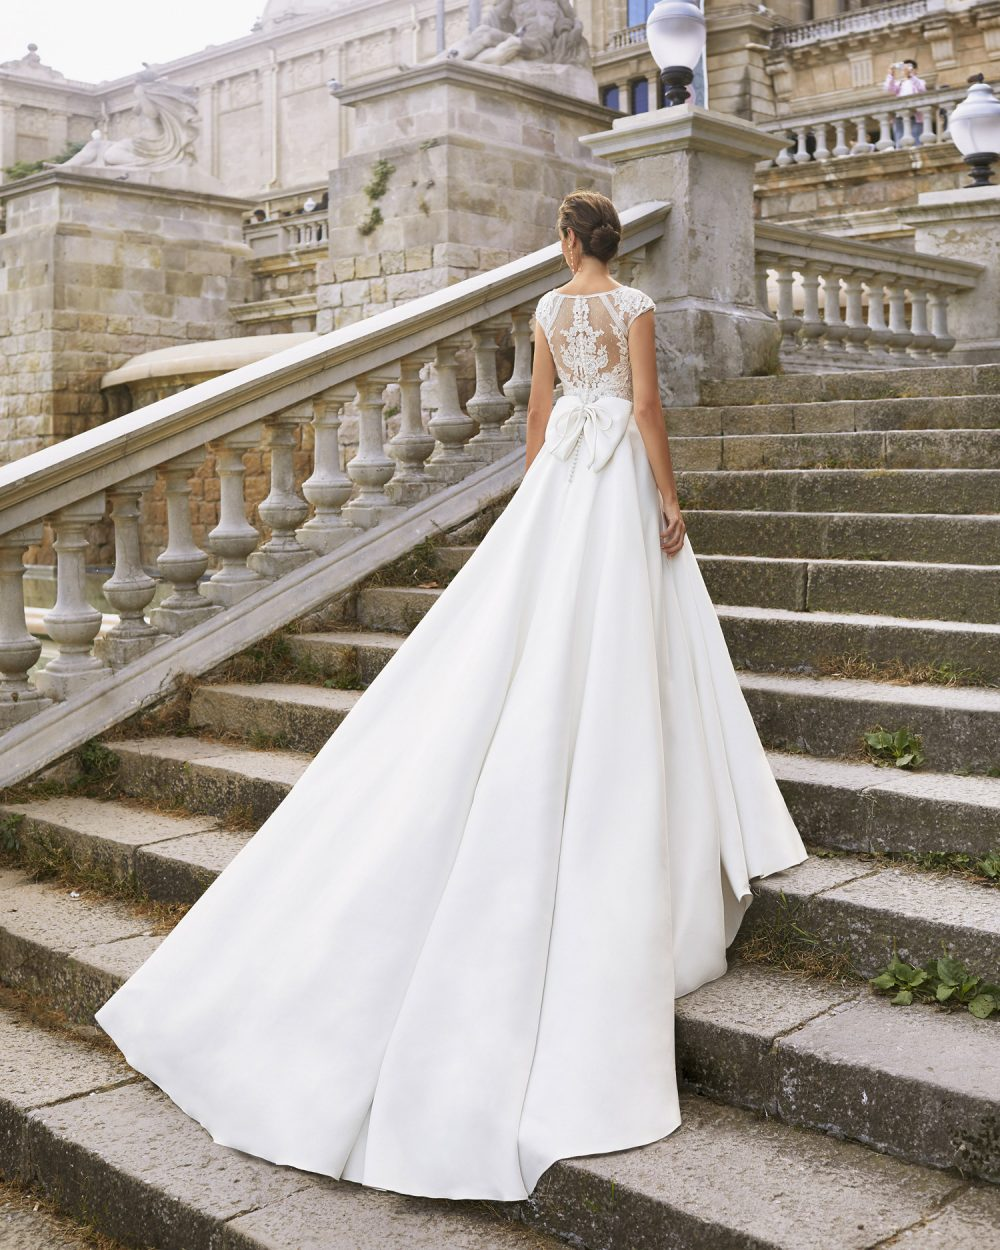 Mariages: abito da sposa Rosa Clarà 2021 a Vicenza, Verona, Padova, Veneto 5S168 YUSEF